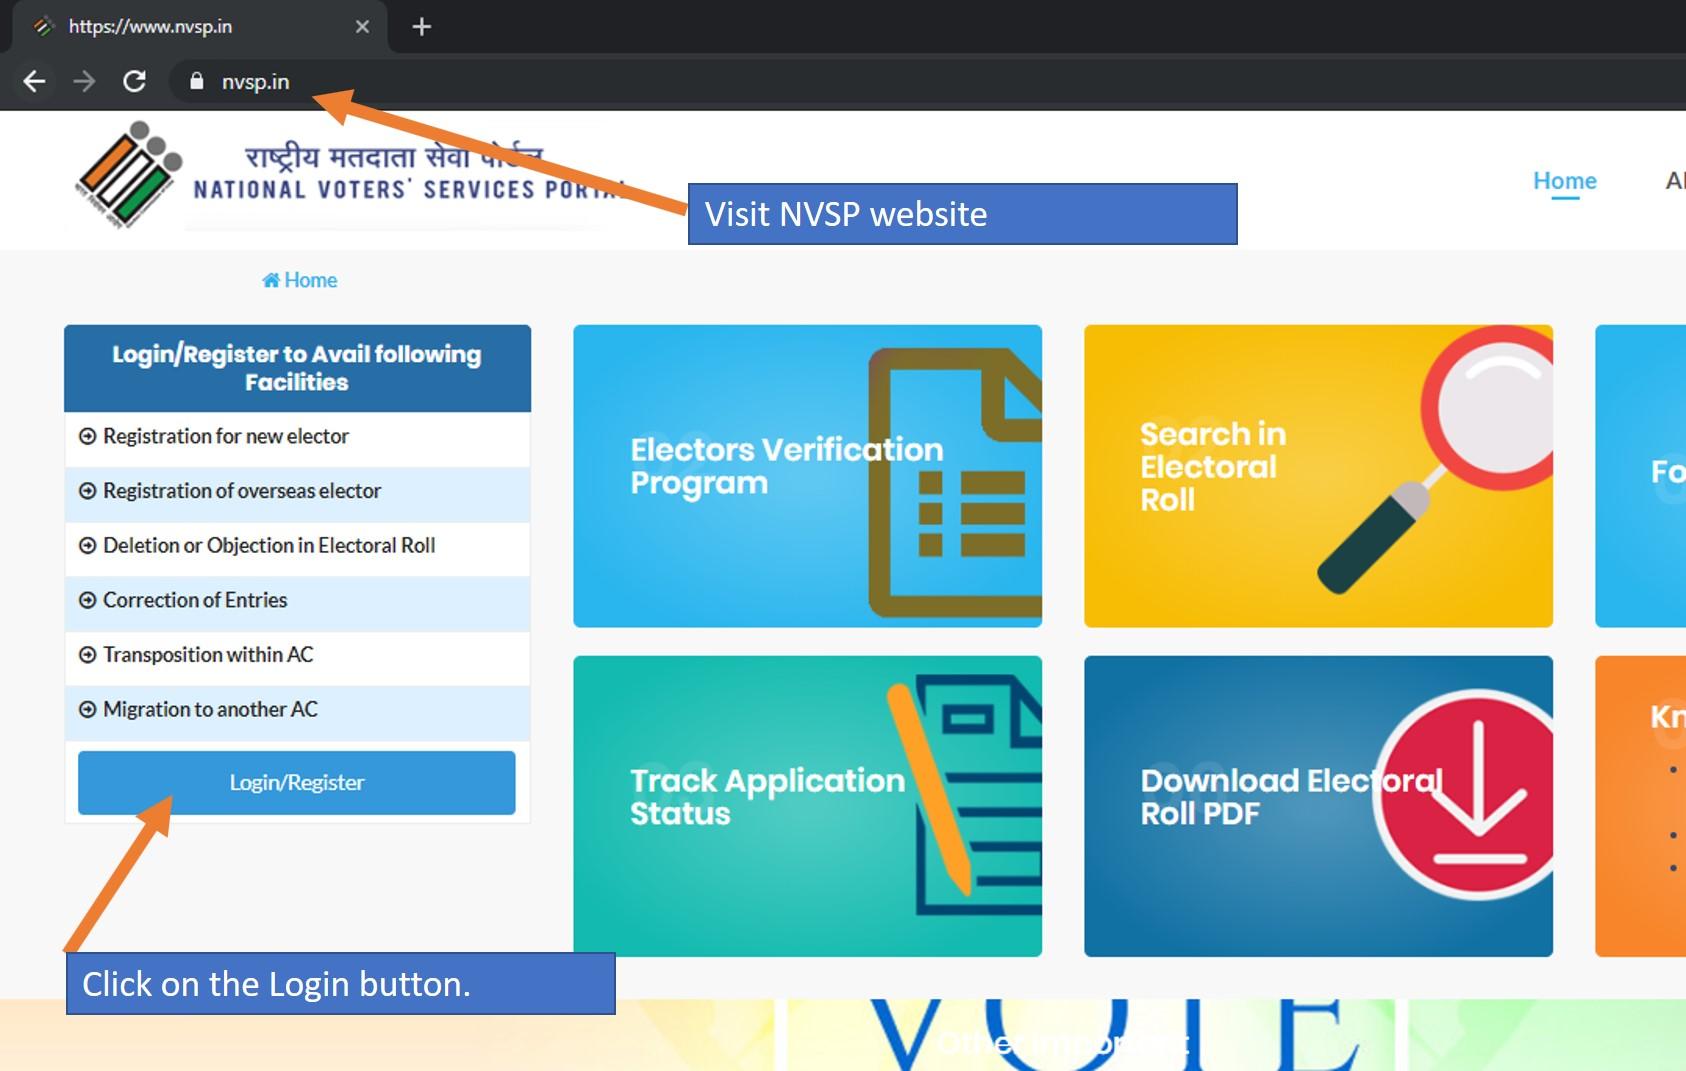 Register on NVSP website